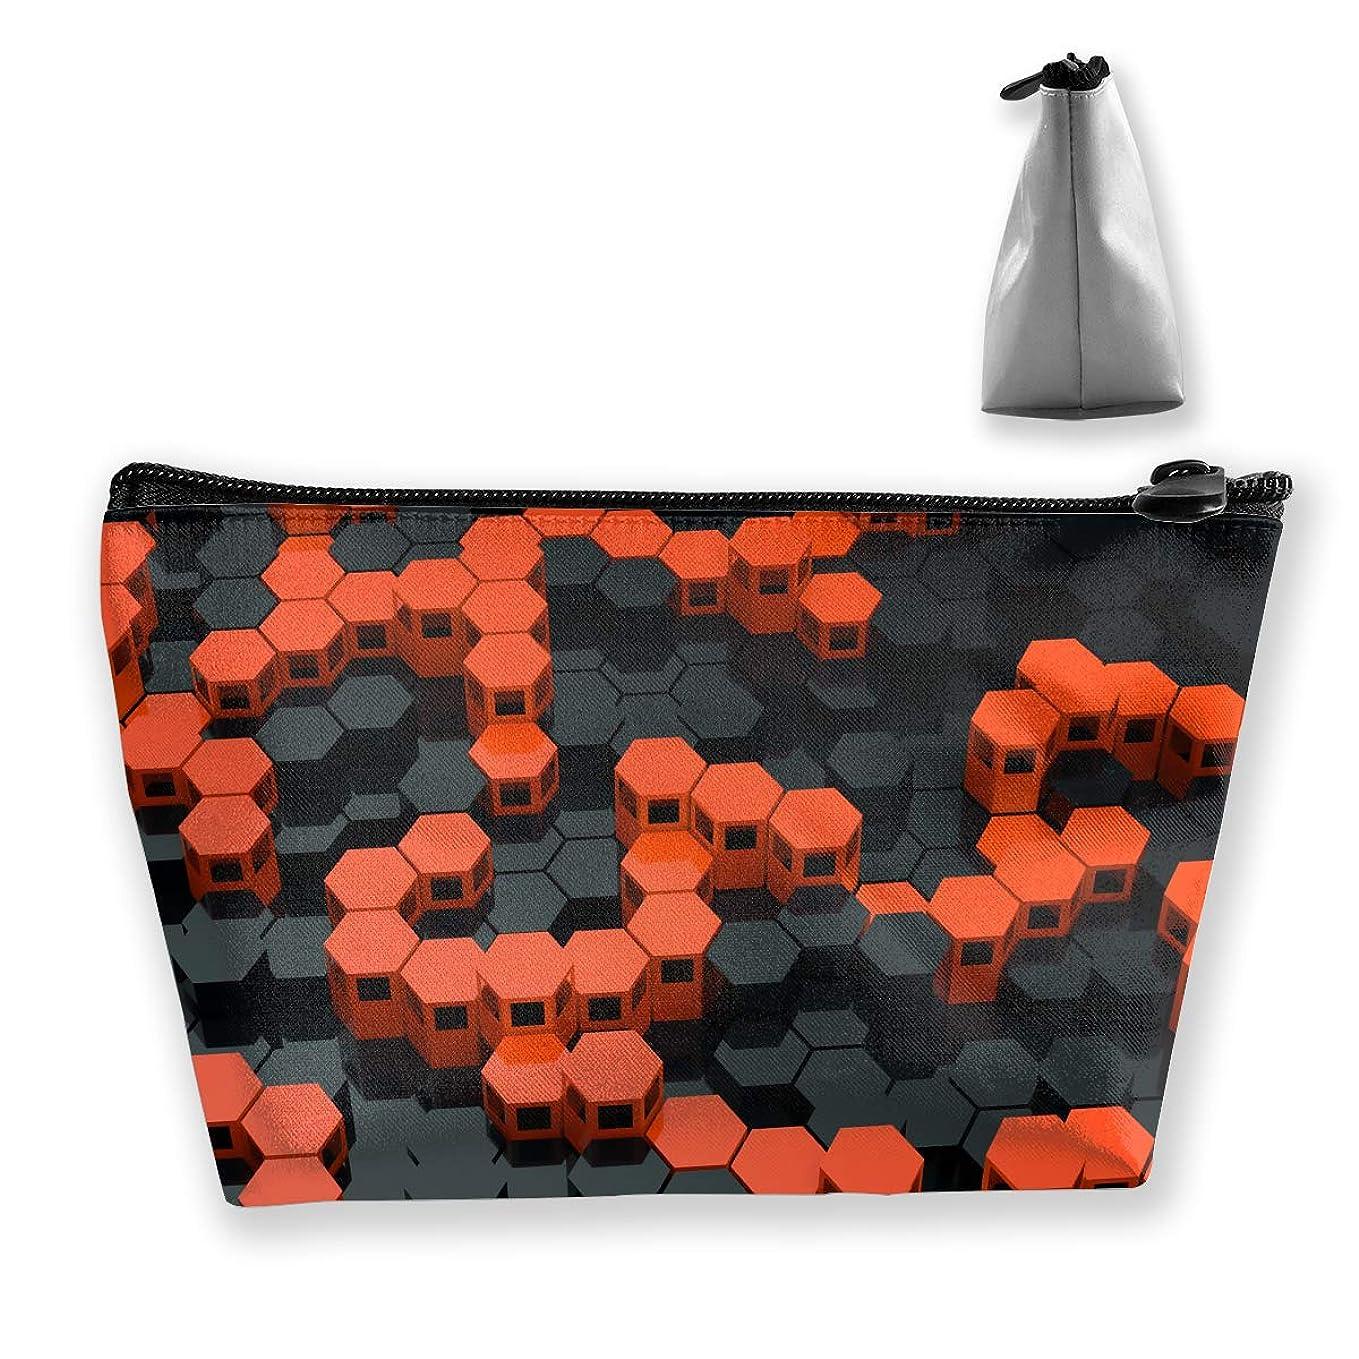 自宅で閲覧する以前は台形 レディース 化粧ポーチ トラベルポーチ 旅行 ハンドバッグ オレンジとブラック コスメ メイクポーチ コイン 鍵 小物入れ 化粧品 収納ケース